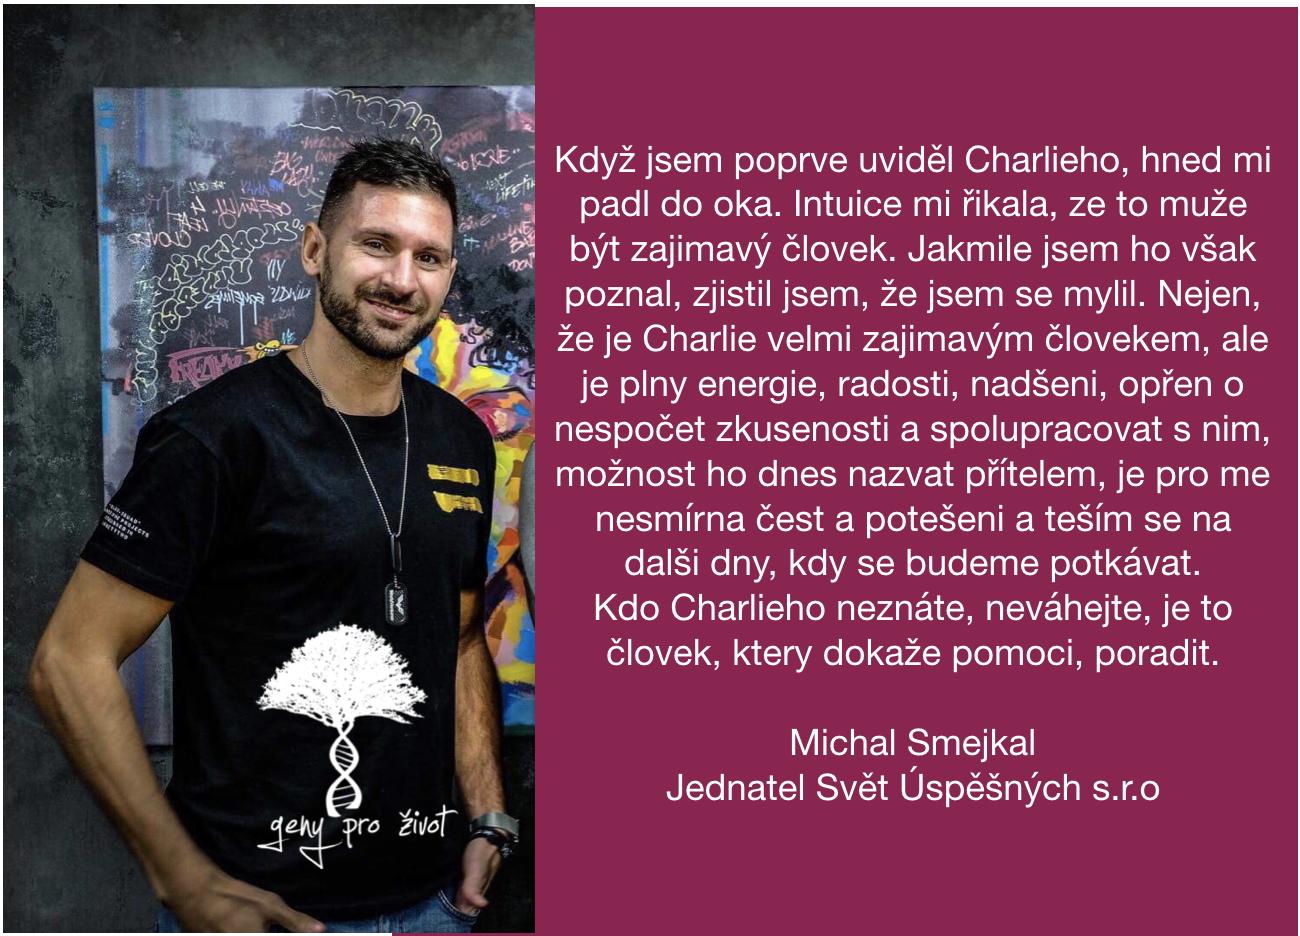 Michal Smejkal